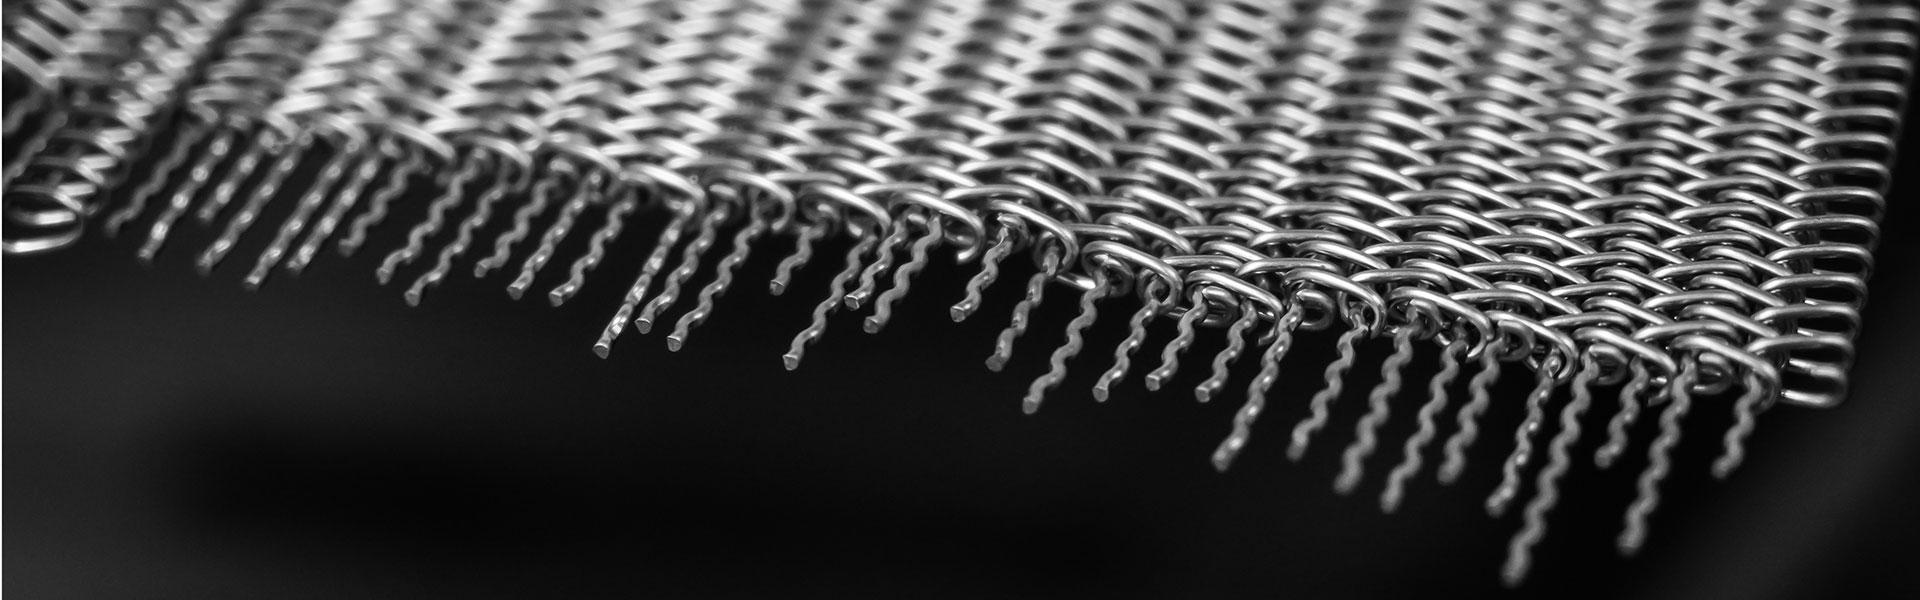 Produzione nastri metallici made in italy